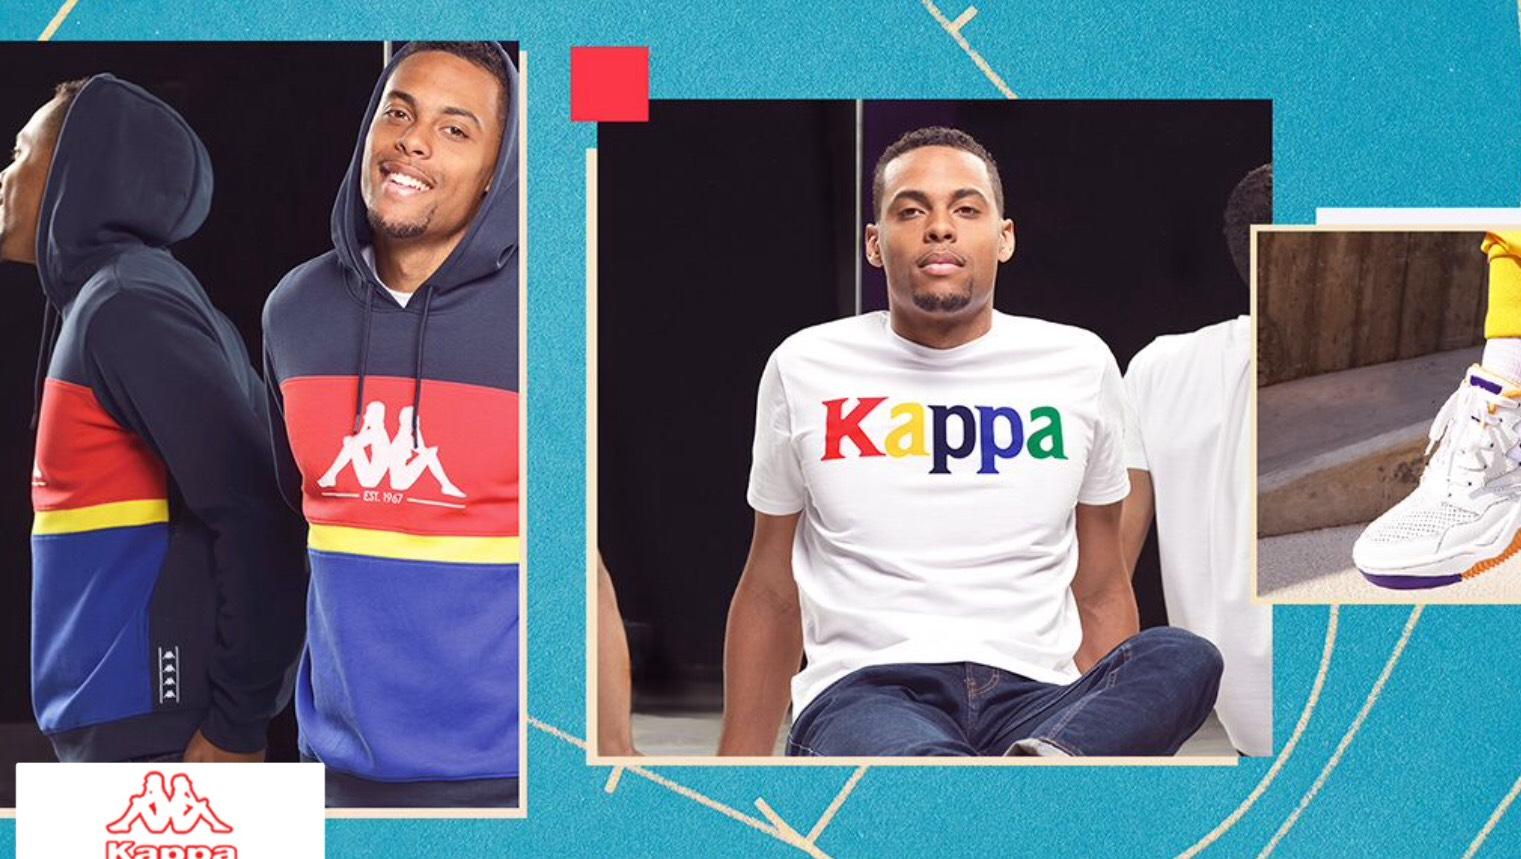 Sélection d'articles Kappa en promotion